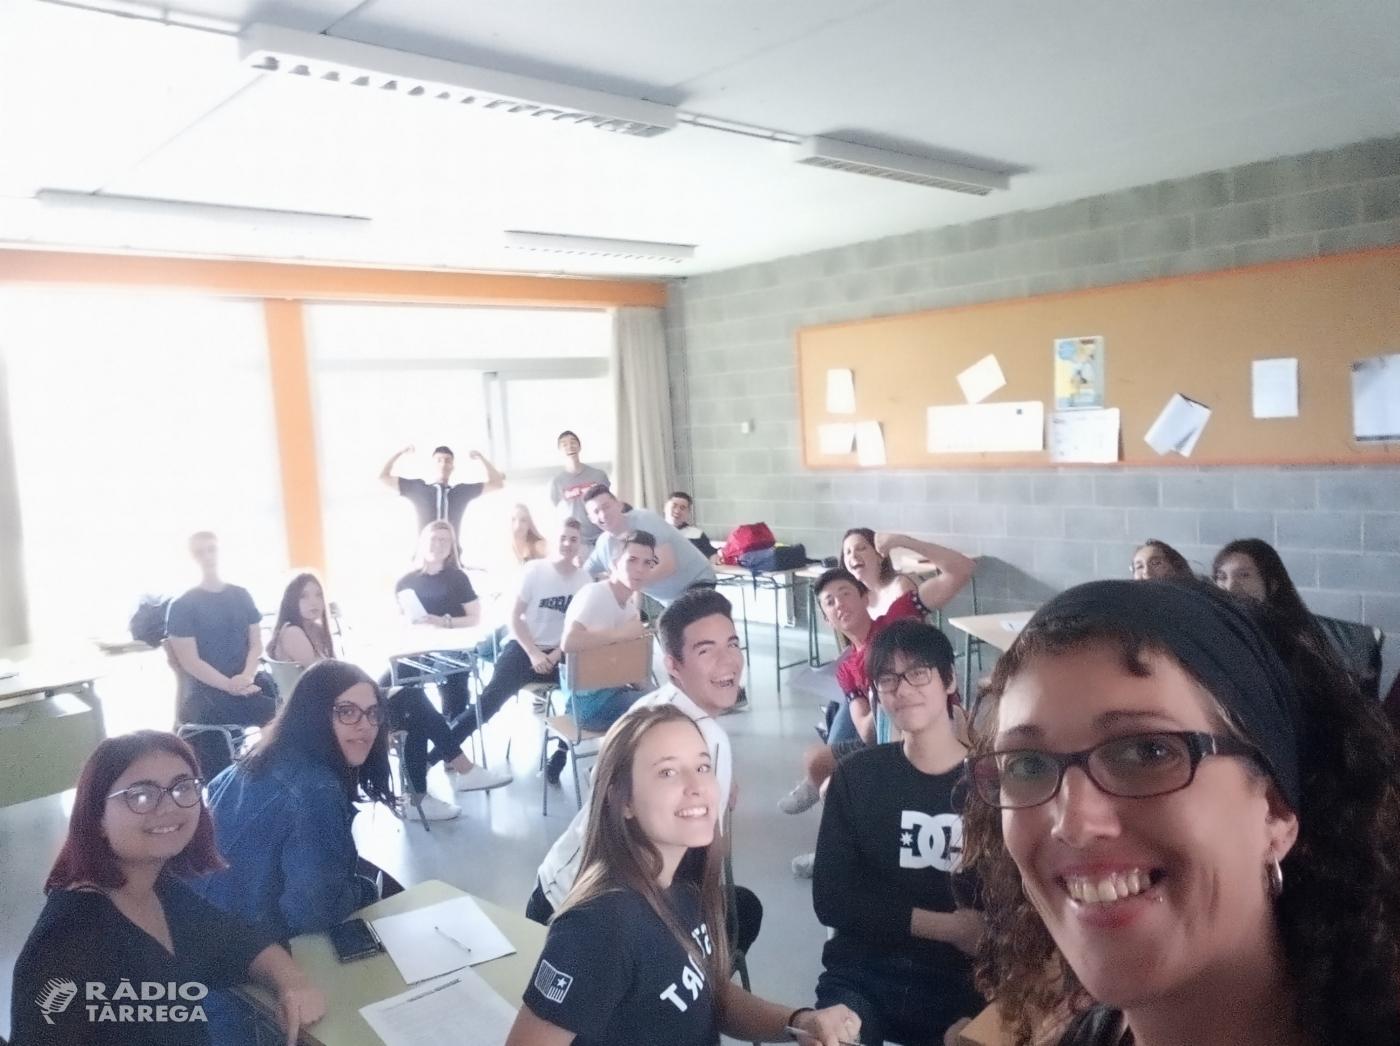 El Programa Referent d'Ocupació Juvenil durant els primers 3 mesos ha atès a més de 50 joves de la comarca de l'Urgell